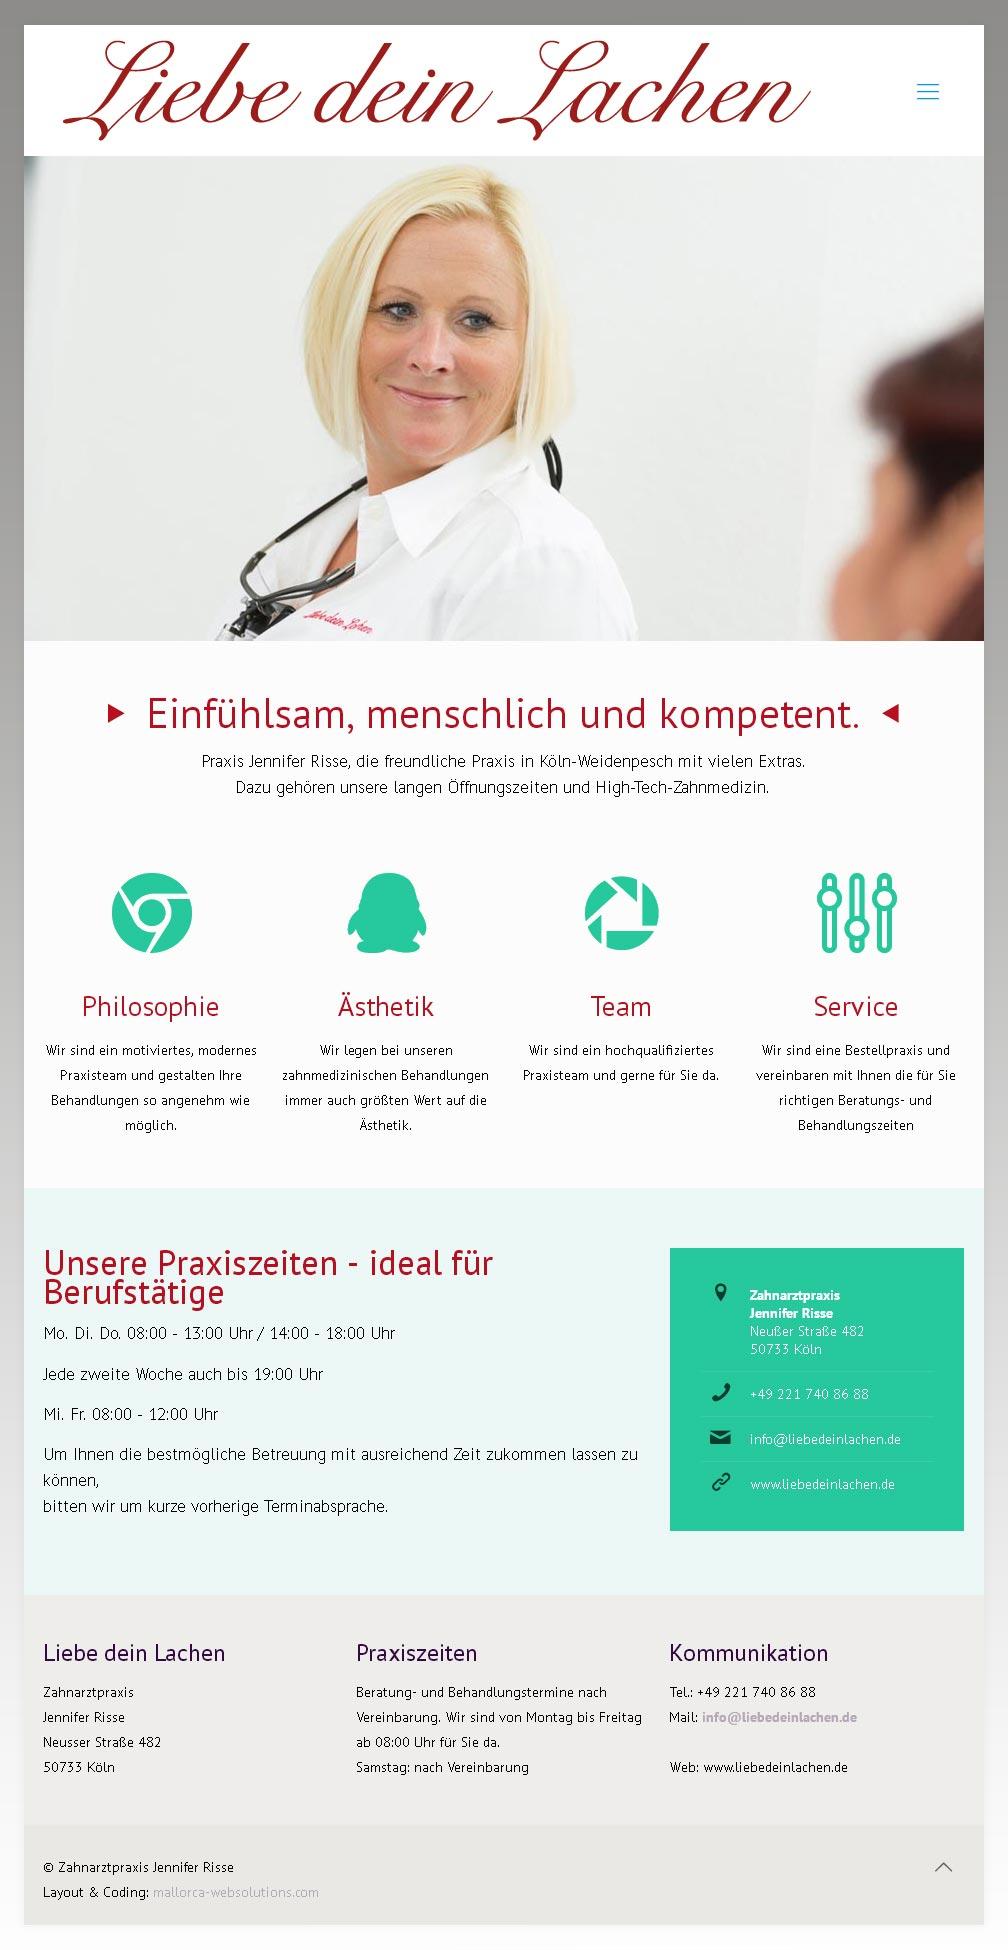 ZA Jennifer Risse<br /> Entwicklung der CI, Grafik & Layout für Online<br />www.liebedeinlachen.de